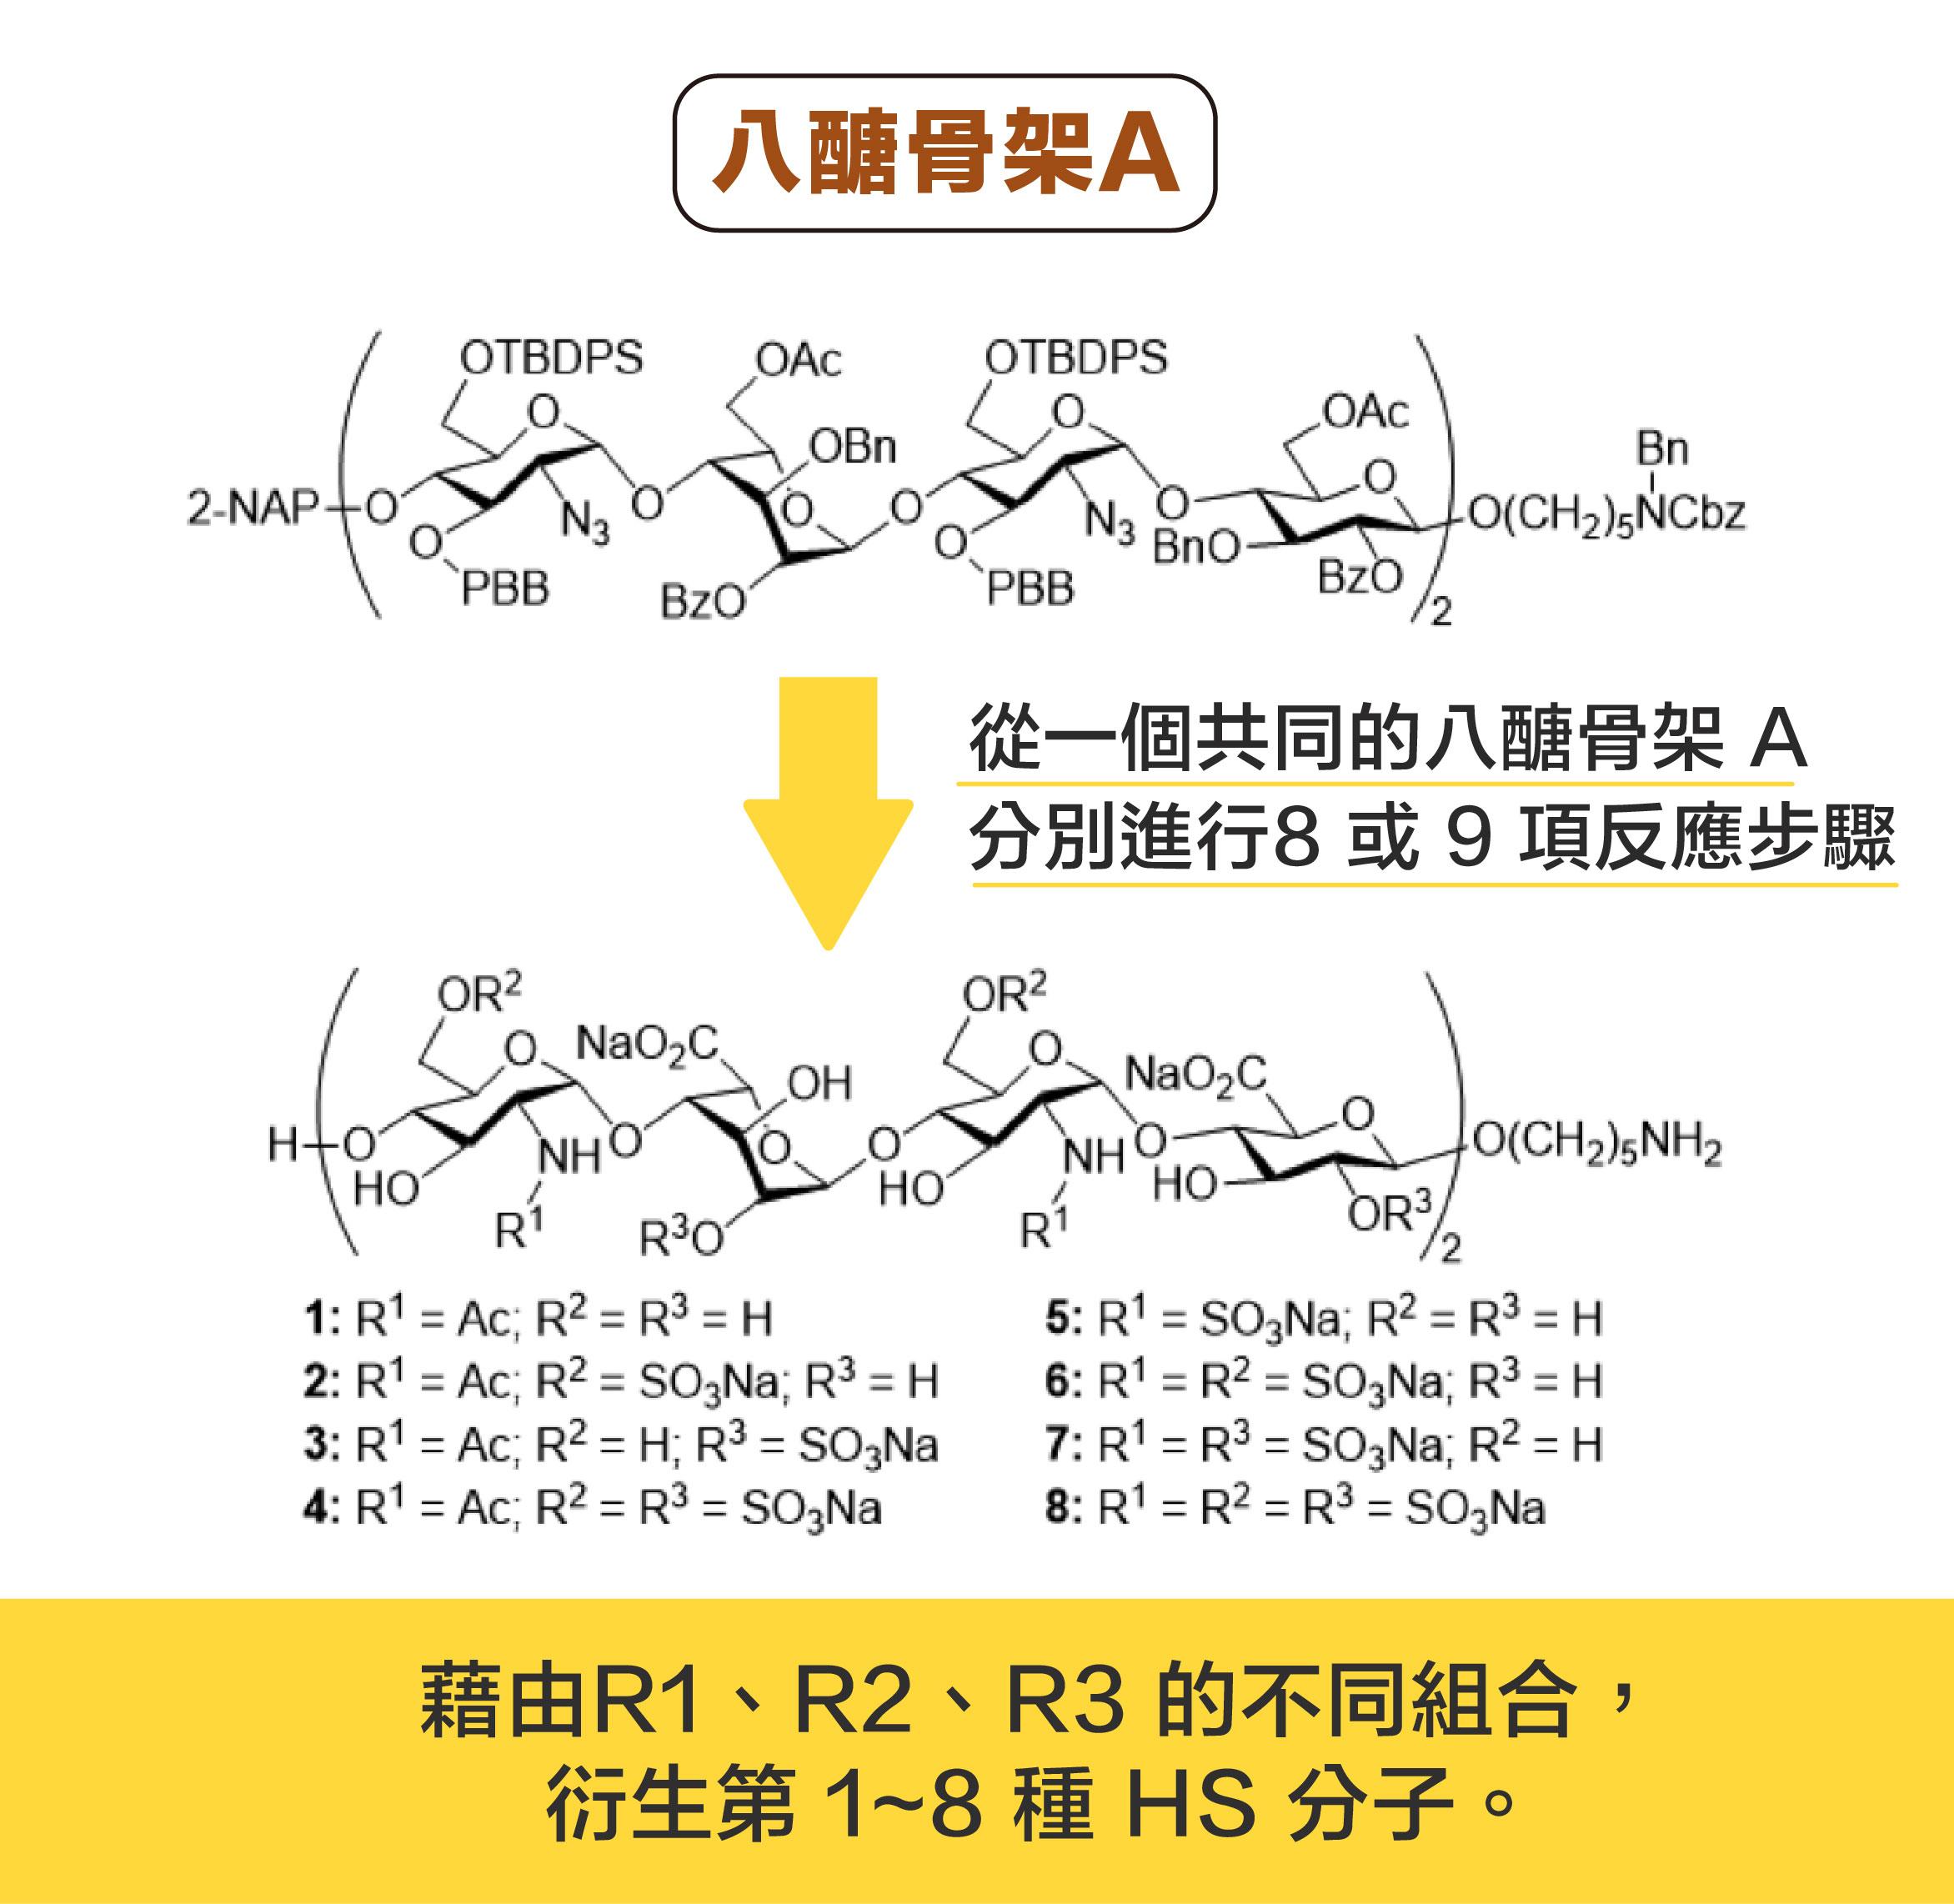 從一個共同的八醣骨架 A ,分別進行 8或 9 項反應步驟,可以衍生出 8 種 HS 分子。資料來源|洪上程圖說設計|黃曉君、林洵安